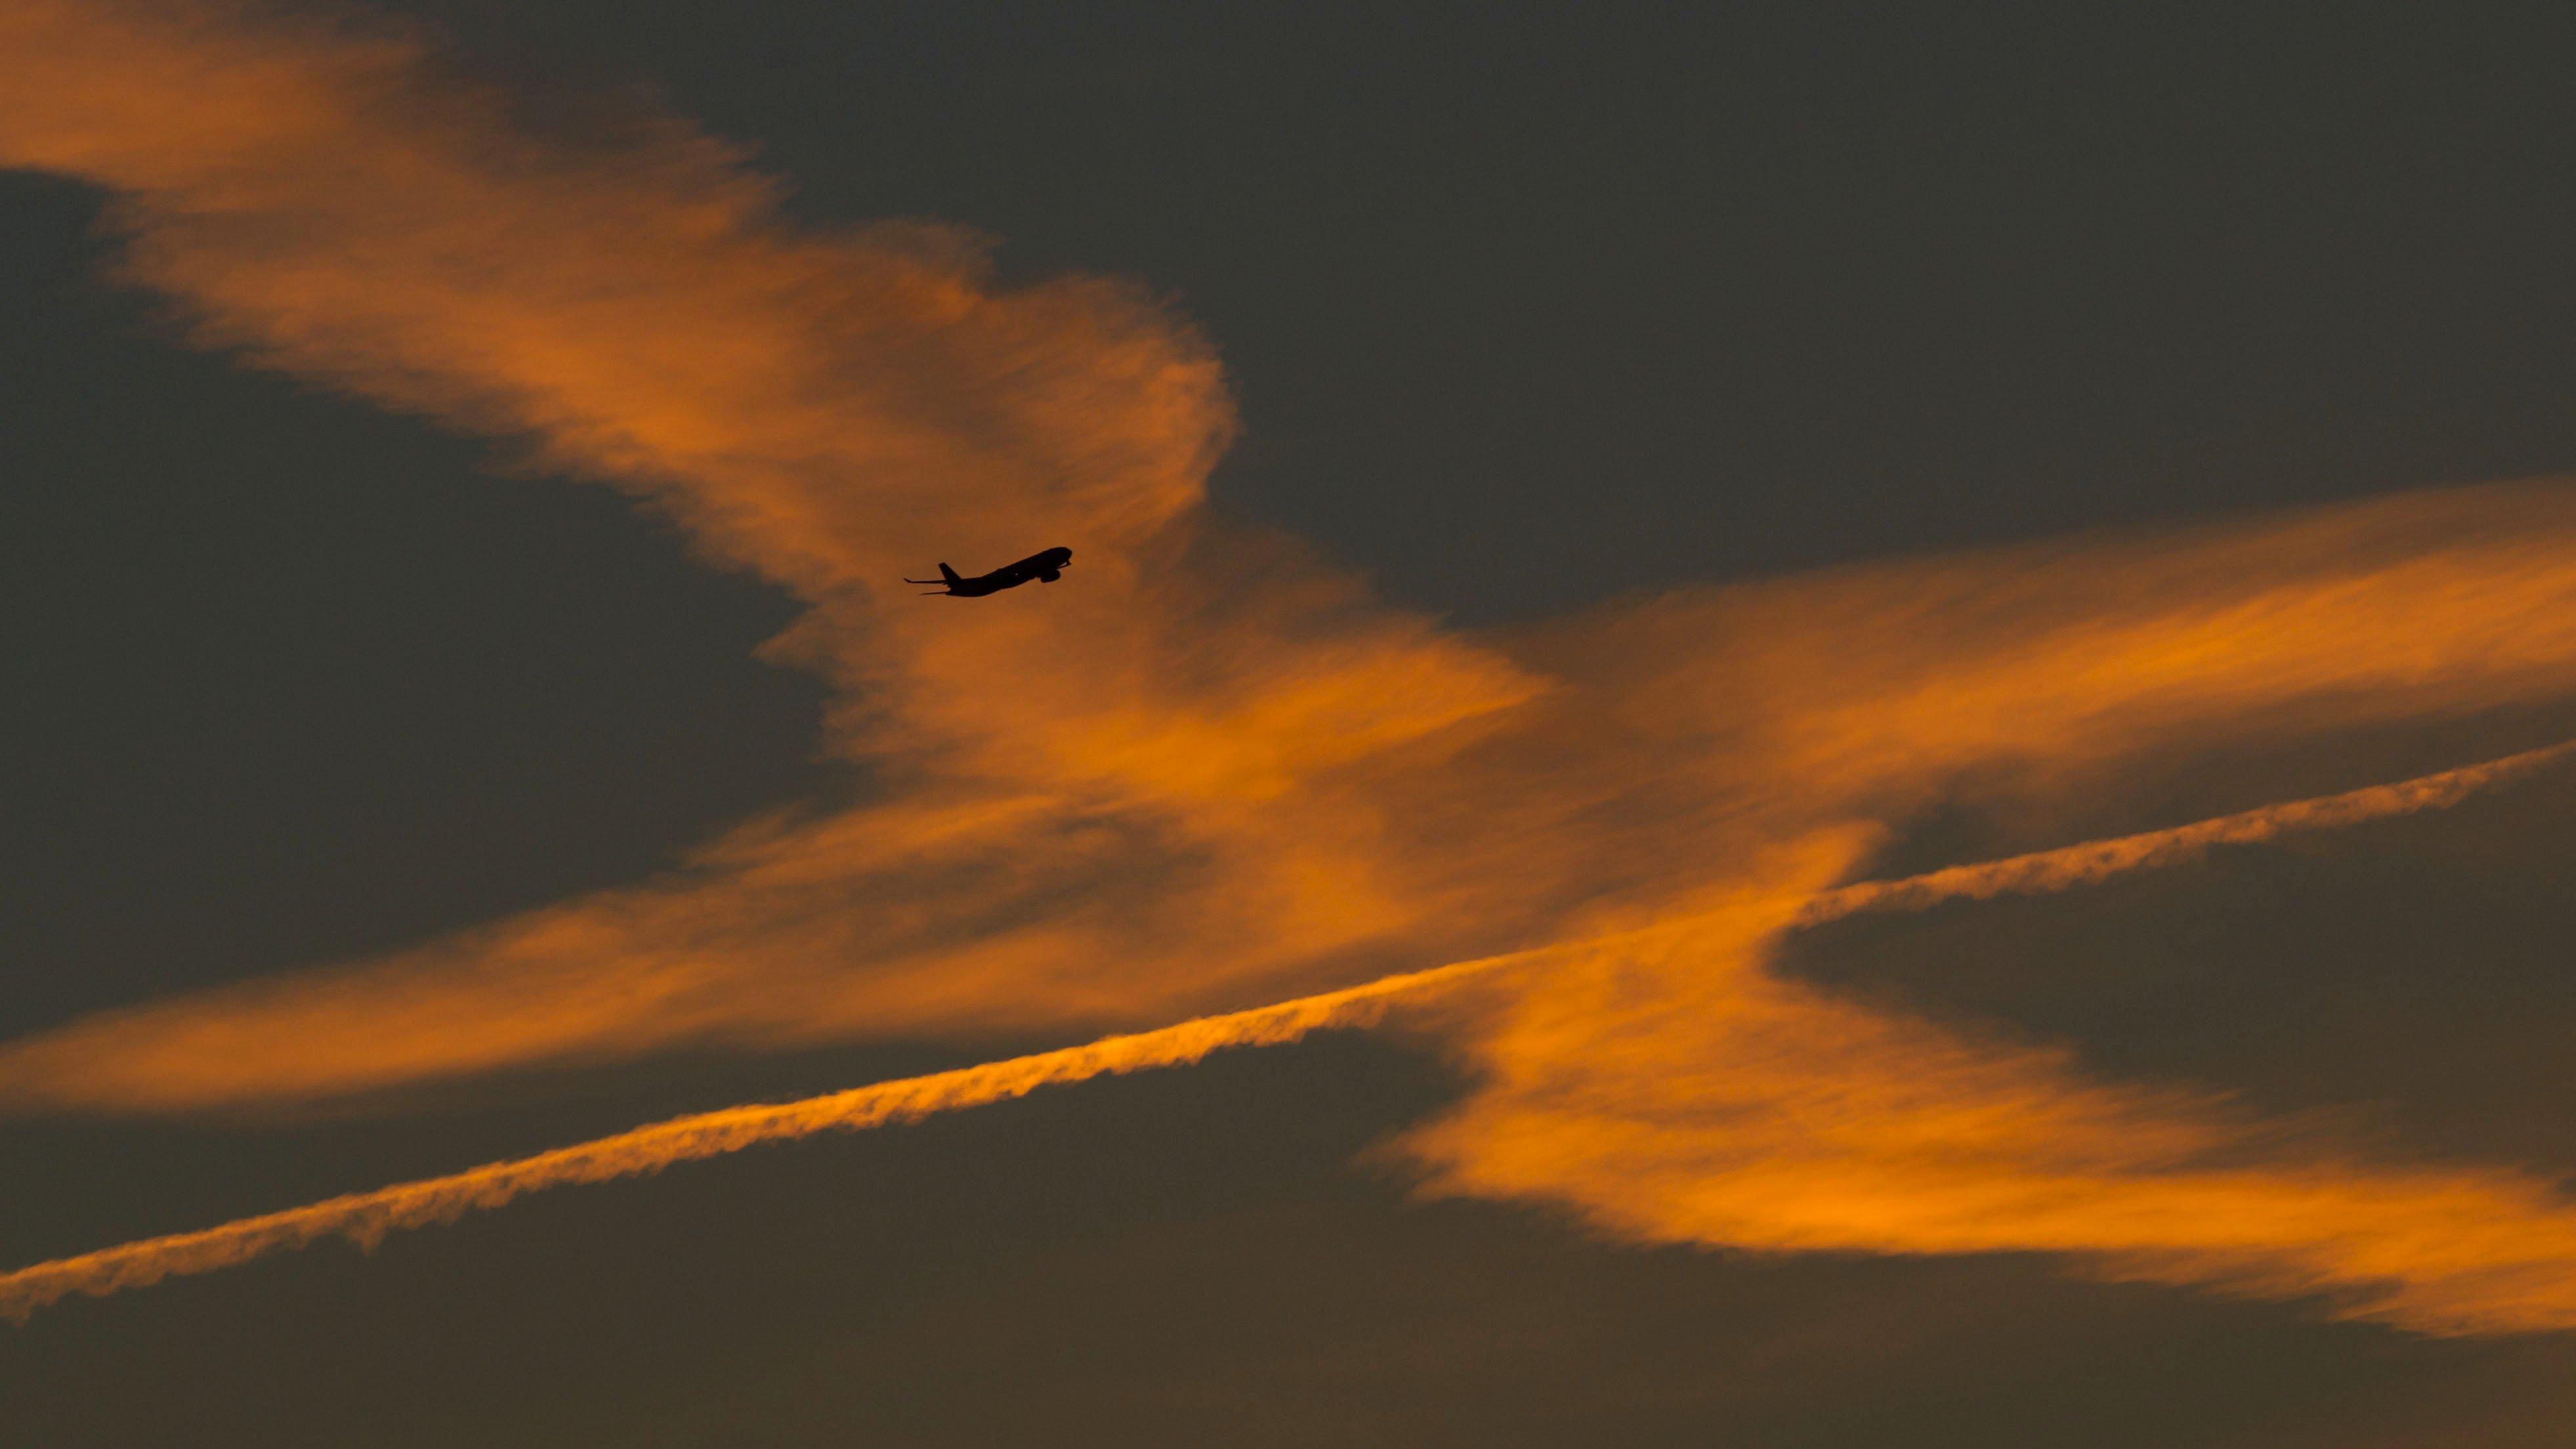 Ein Flugzeug im Anflug auf den Flughafen von Frankfurt am Main (Hessen) passiert Kondensstreifen von vorhergehenden Maschinen, die von der aufgehenden Sonne orange beleuchtet werden.